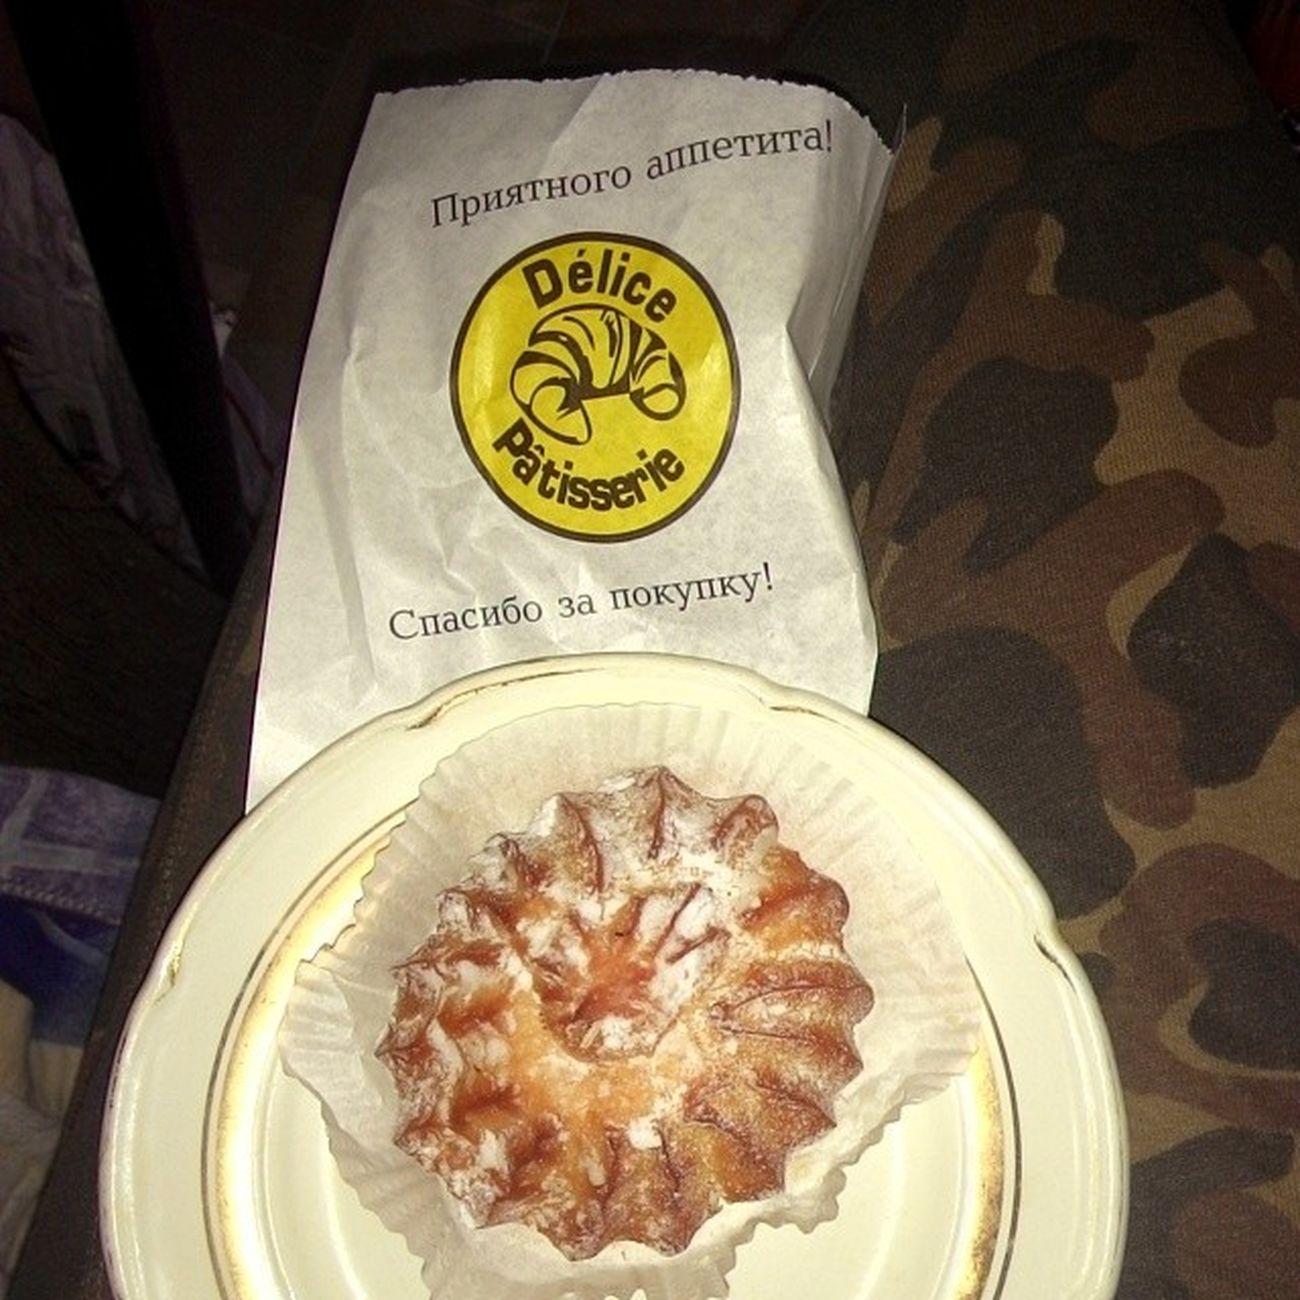 #мирдолжензнатьчтояем #2014 Food Cake Instafood 2014 мирдолжензнатьчтояем вкусно кекс фотоеды булочка булка приятногоаппетита